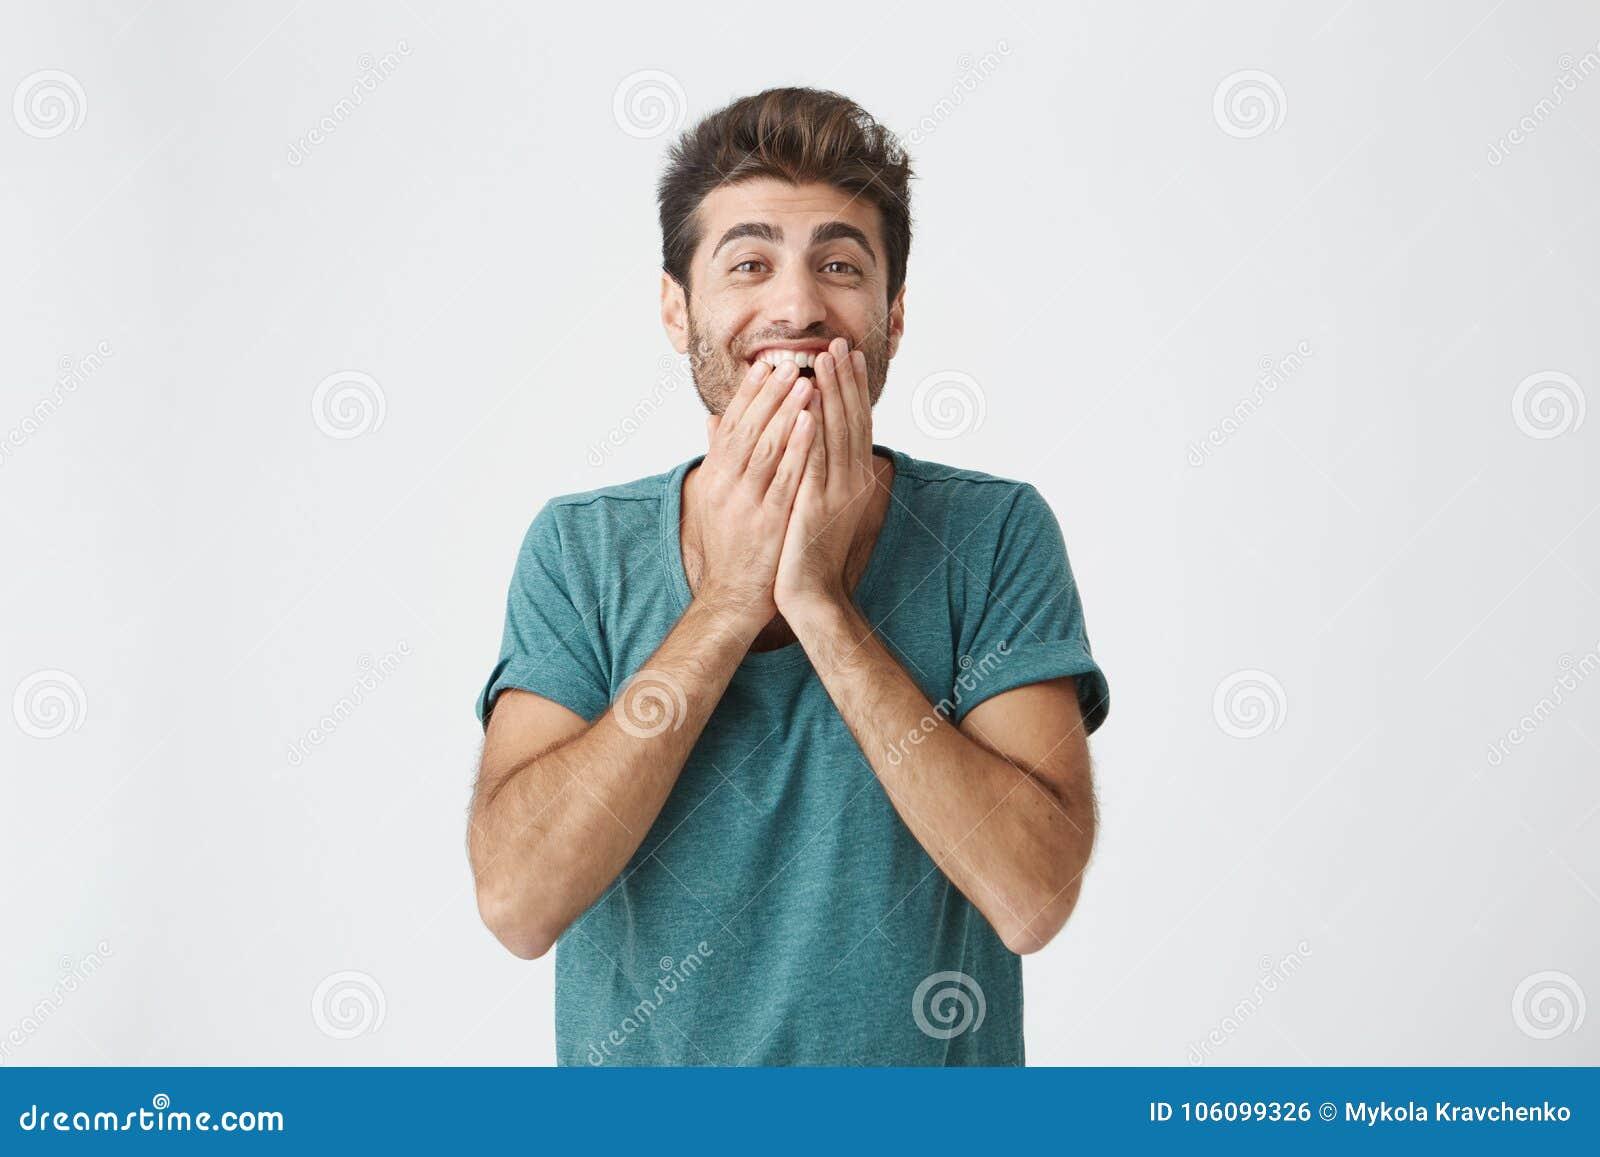 Εκφράσεις, συγκινήσεις και συναισθήματα ανθρώπινου προσώπου Έκπληκτος και έκπληκτος γενειοφόρος νεαρός άνδρας στην μπλε μπλούζα π